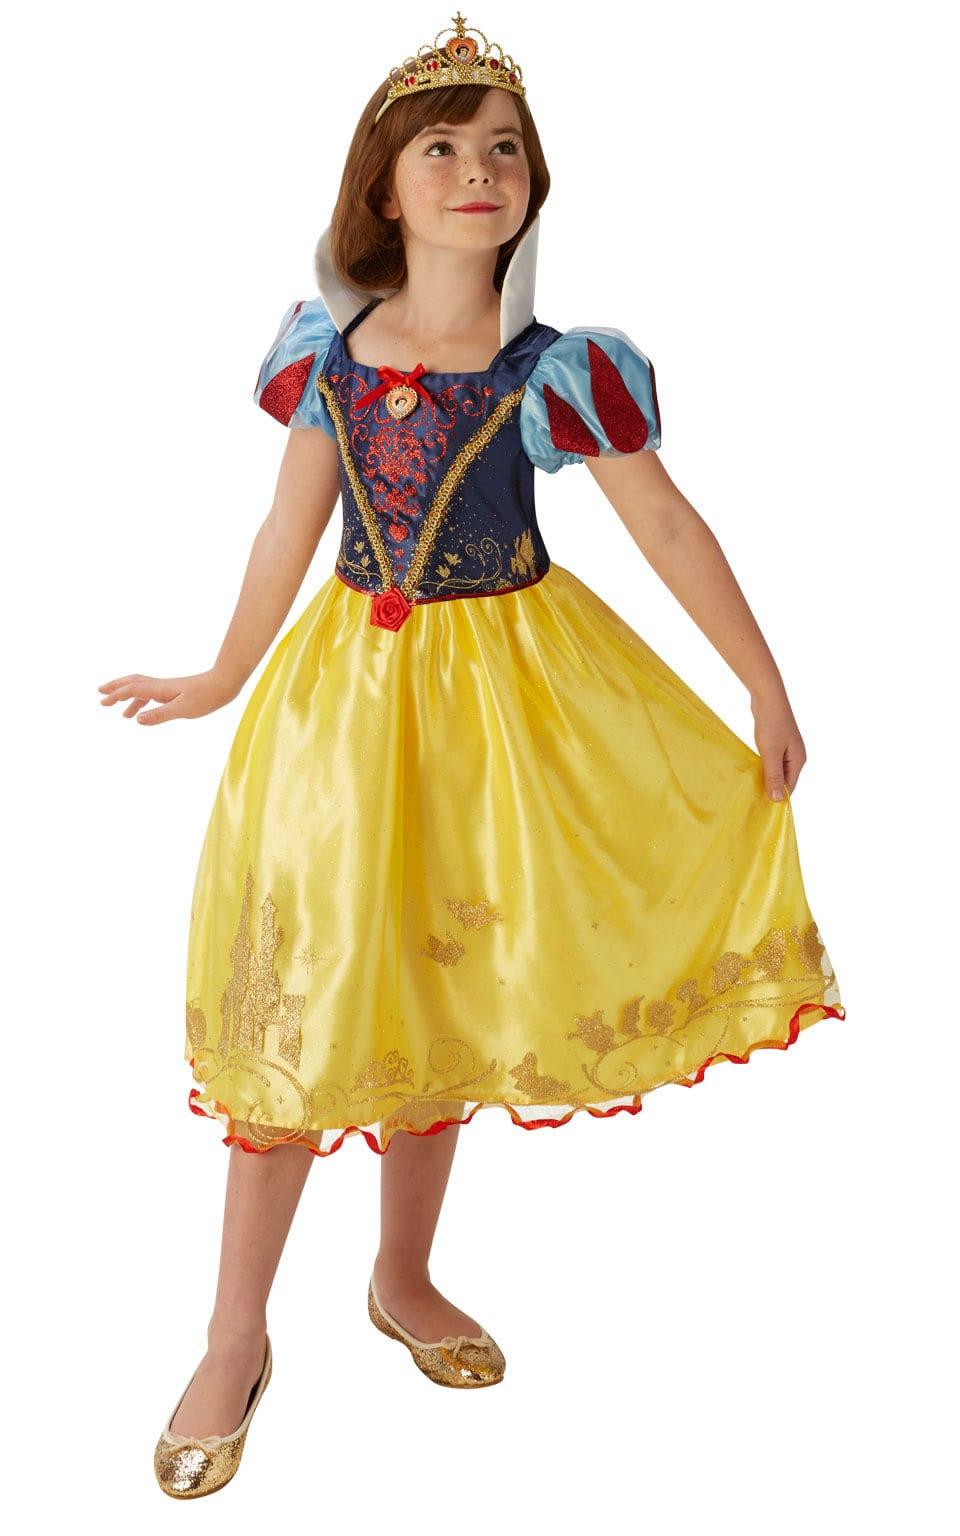 Disney Princess Storyteller Snow White Children's Fancy Dress Costume